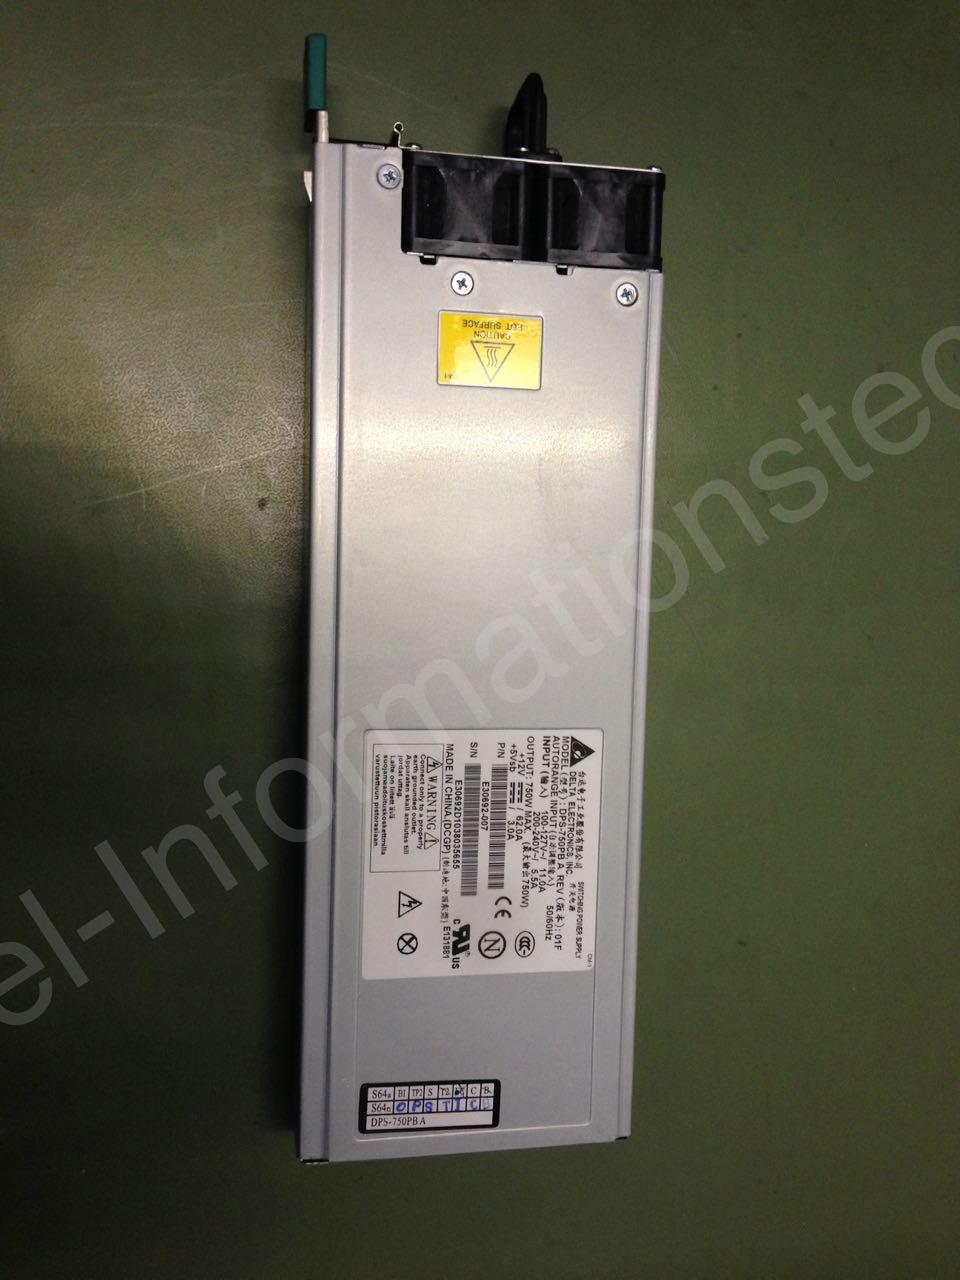 DPS-750PB a